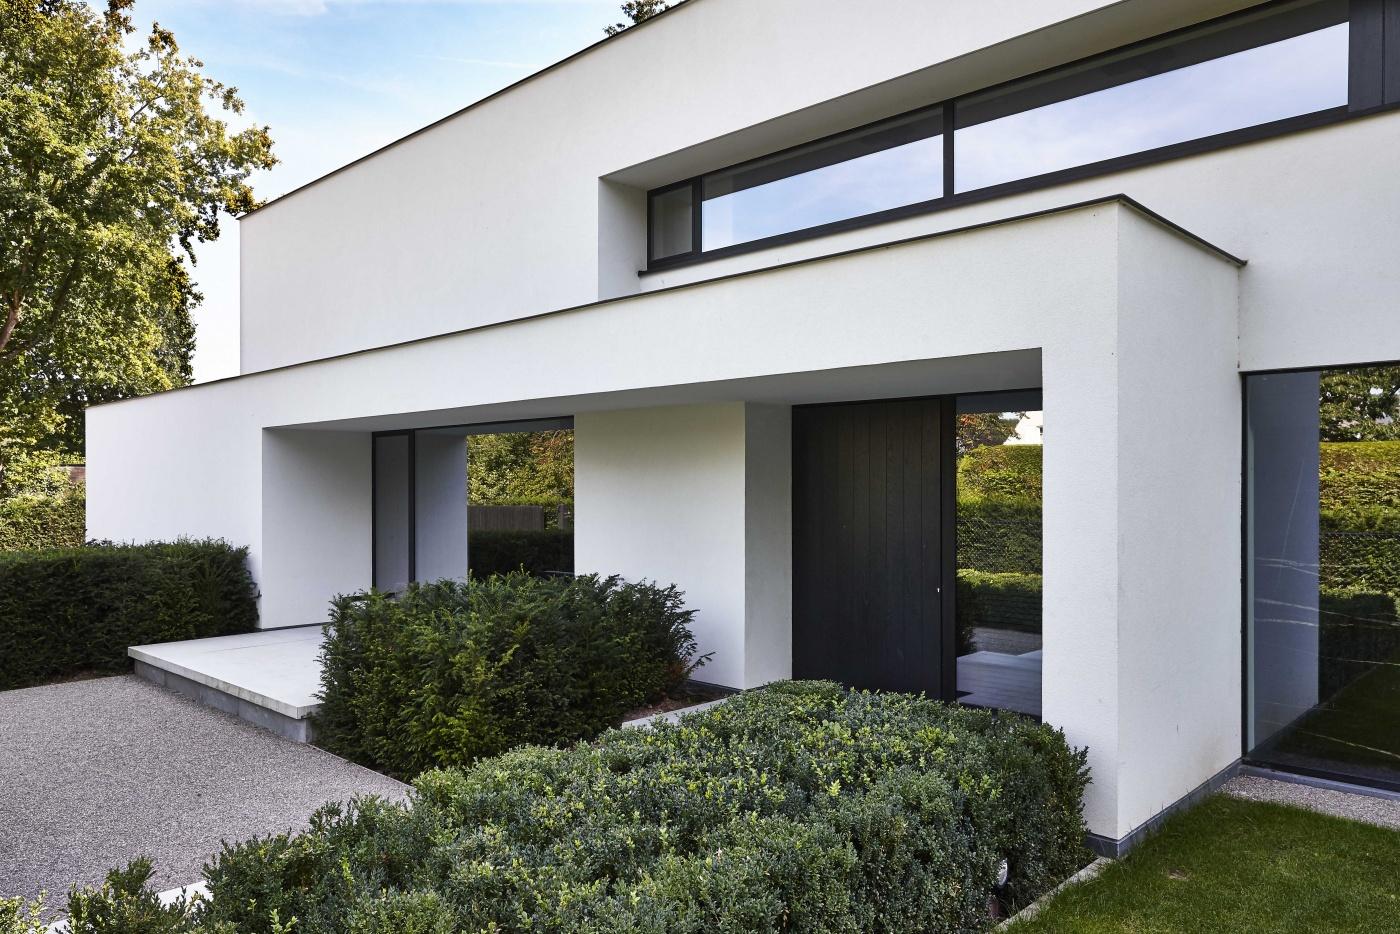 Villabouw dumobil tielt west vlaanderen for Moderne bouw